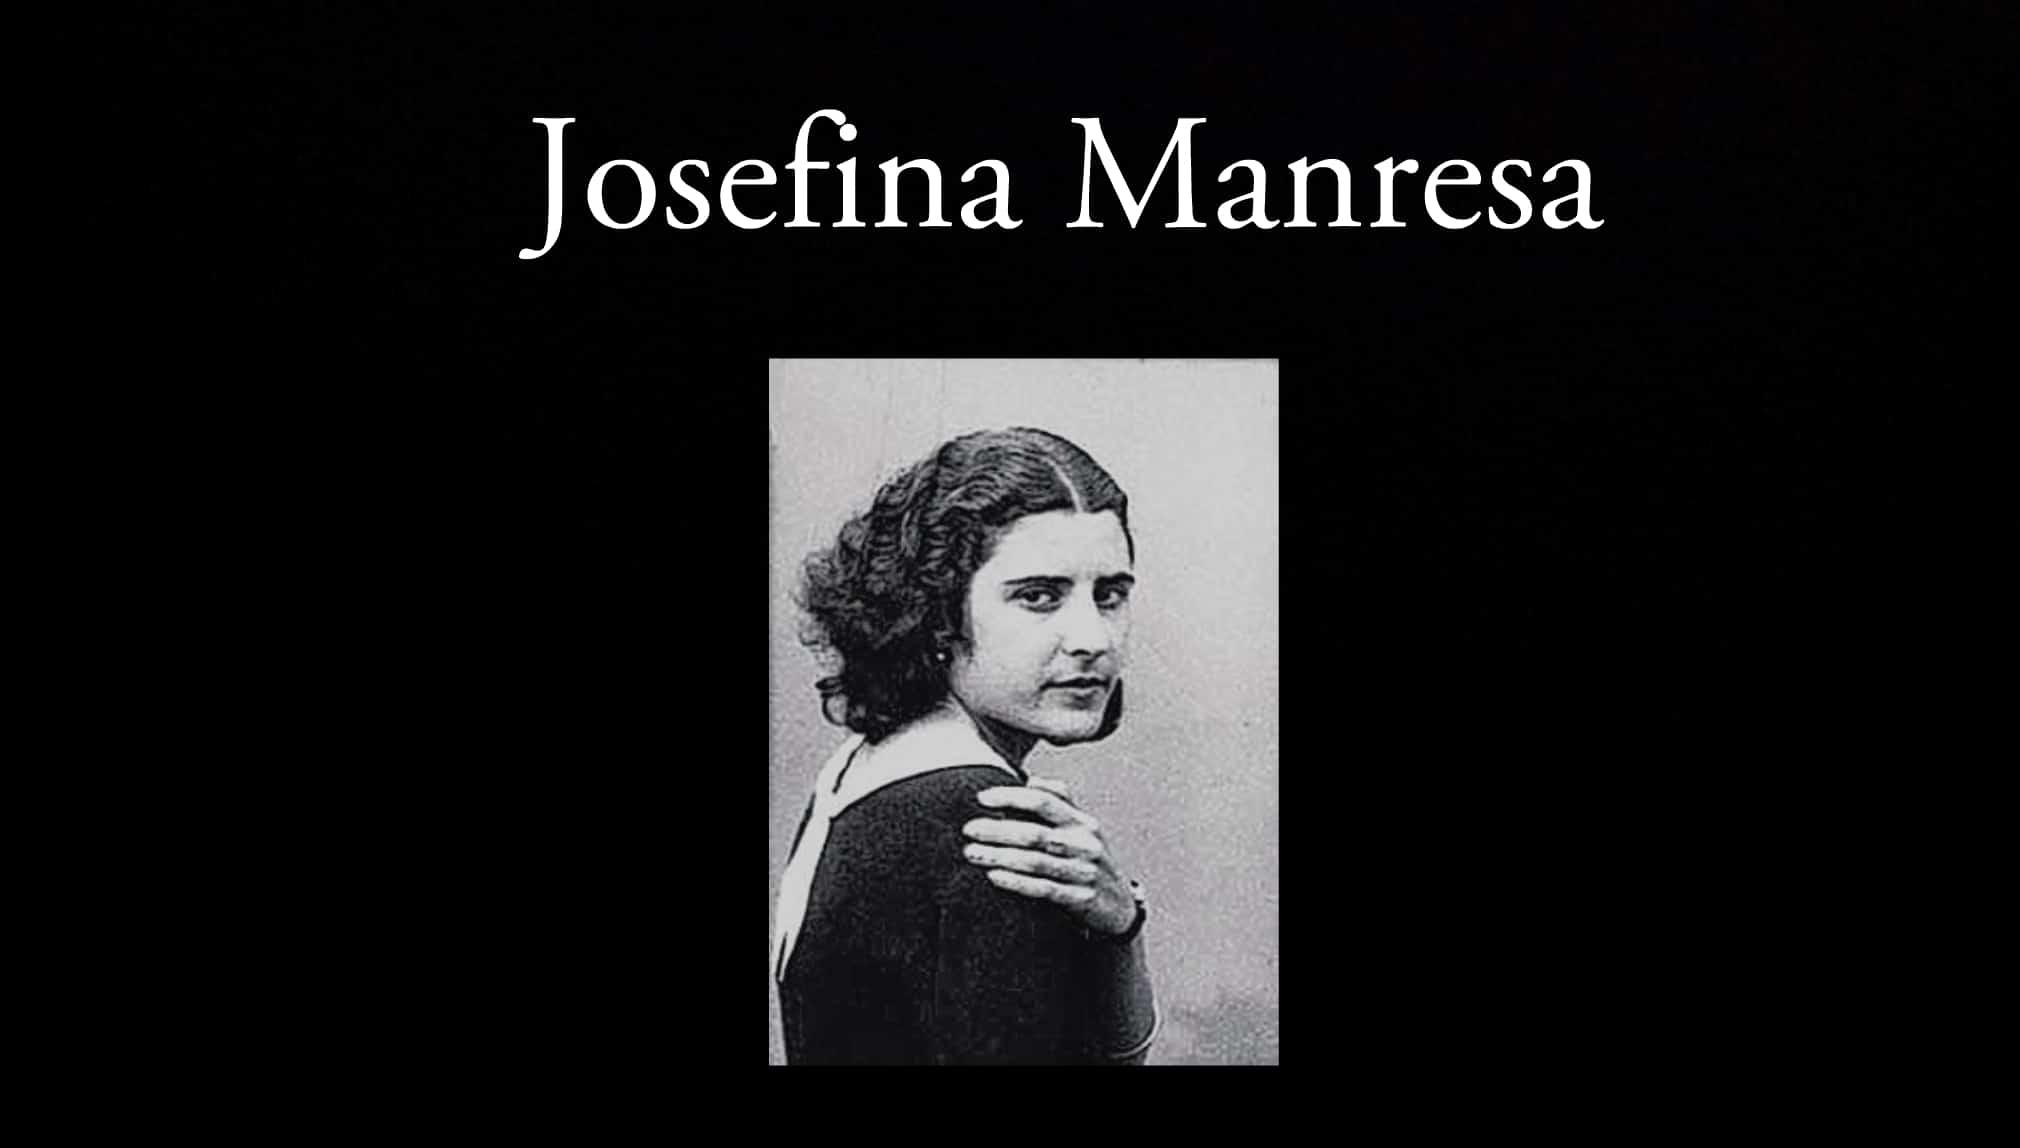 Josefina Manresa, quien fue esposa de Miguel Hernández.